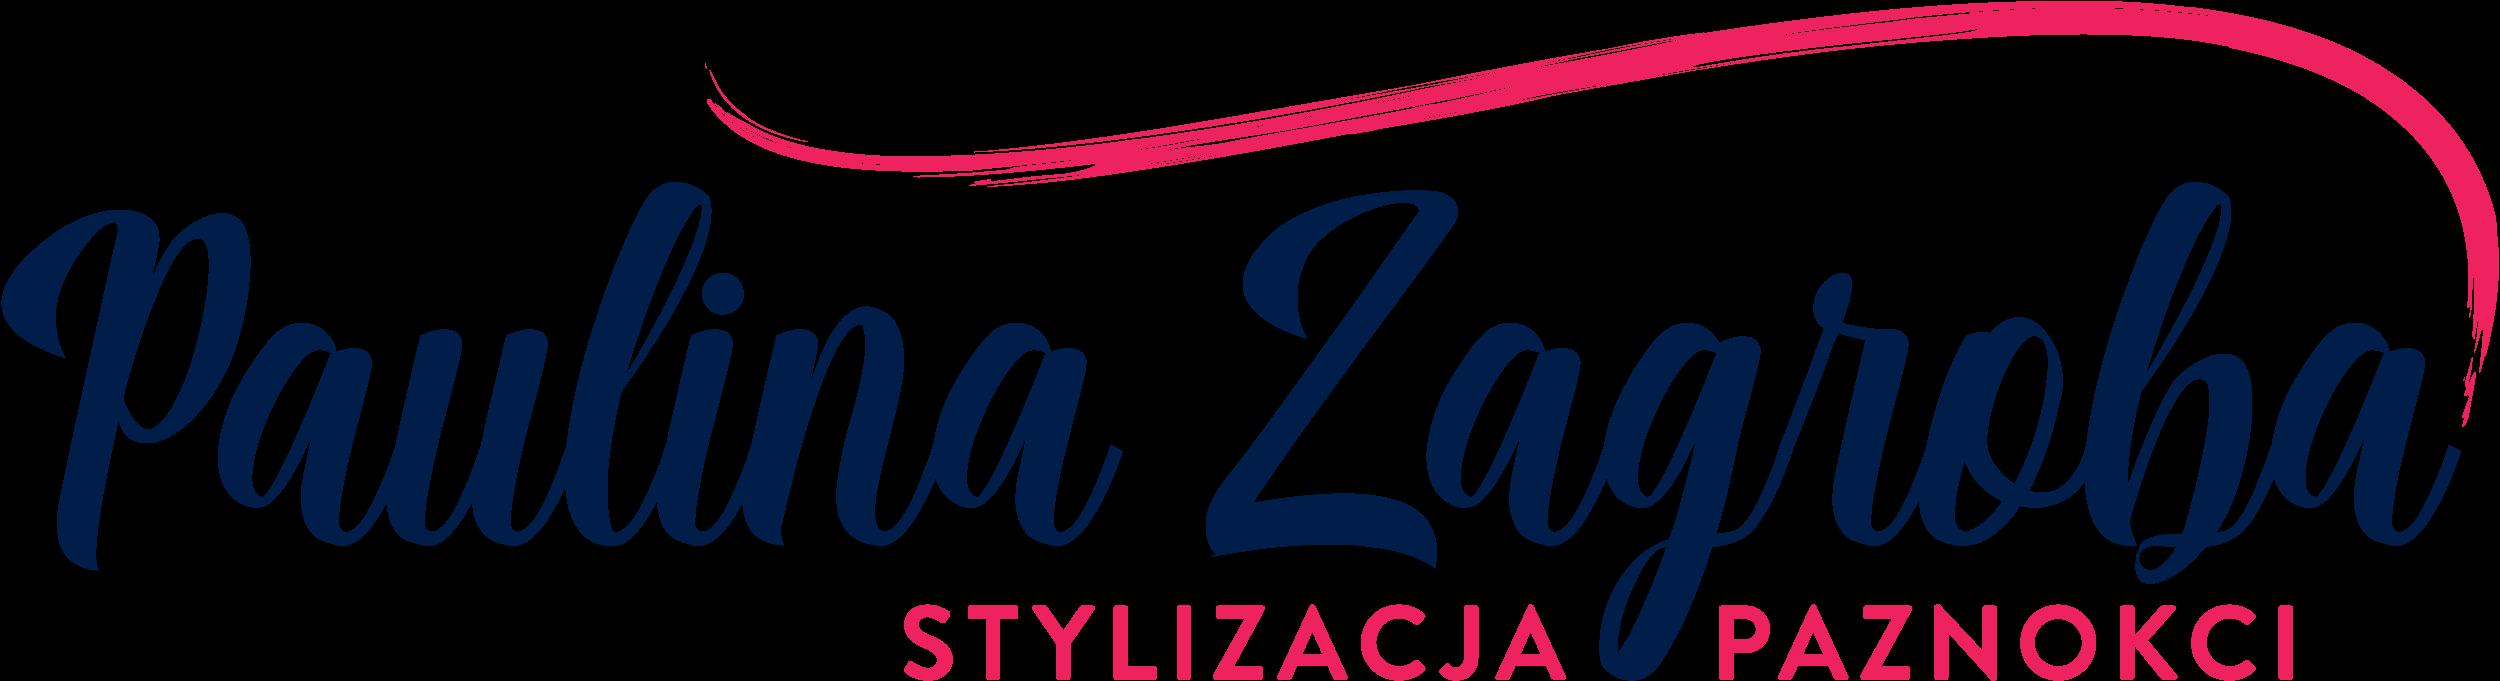 Paznokcie Warszawa Targówek - Białołęka